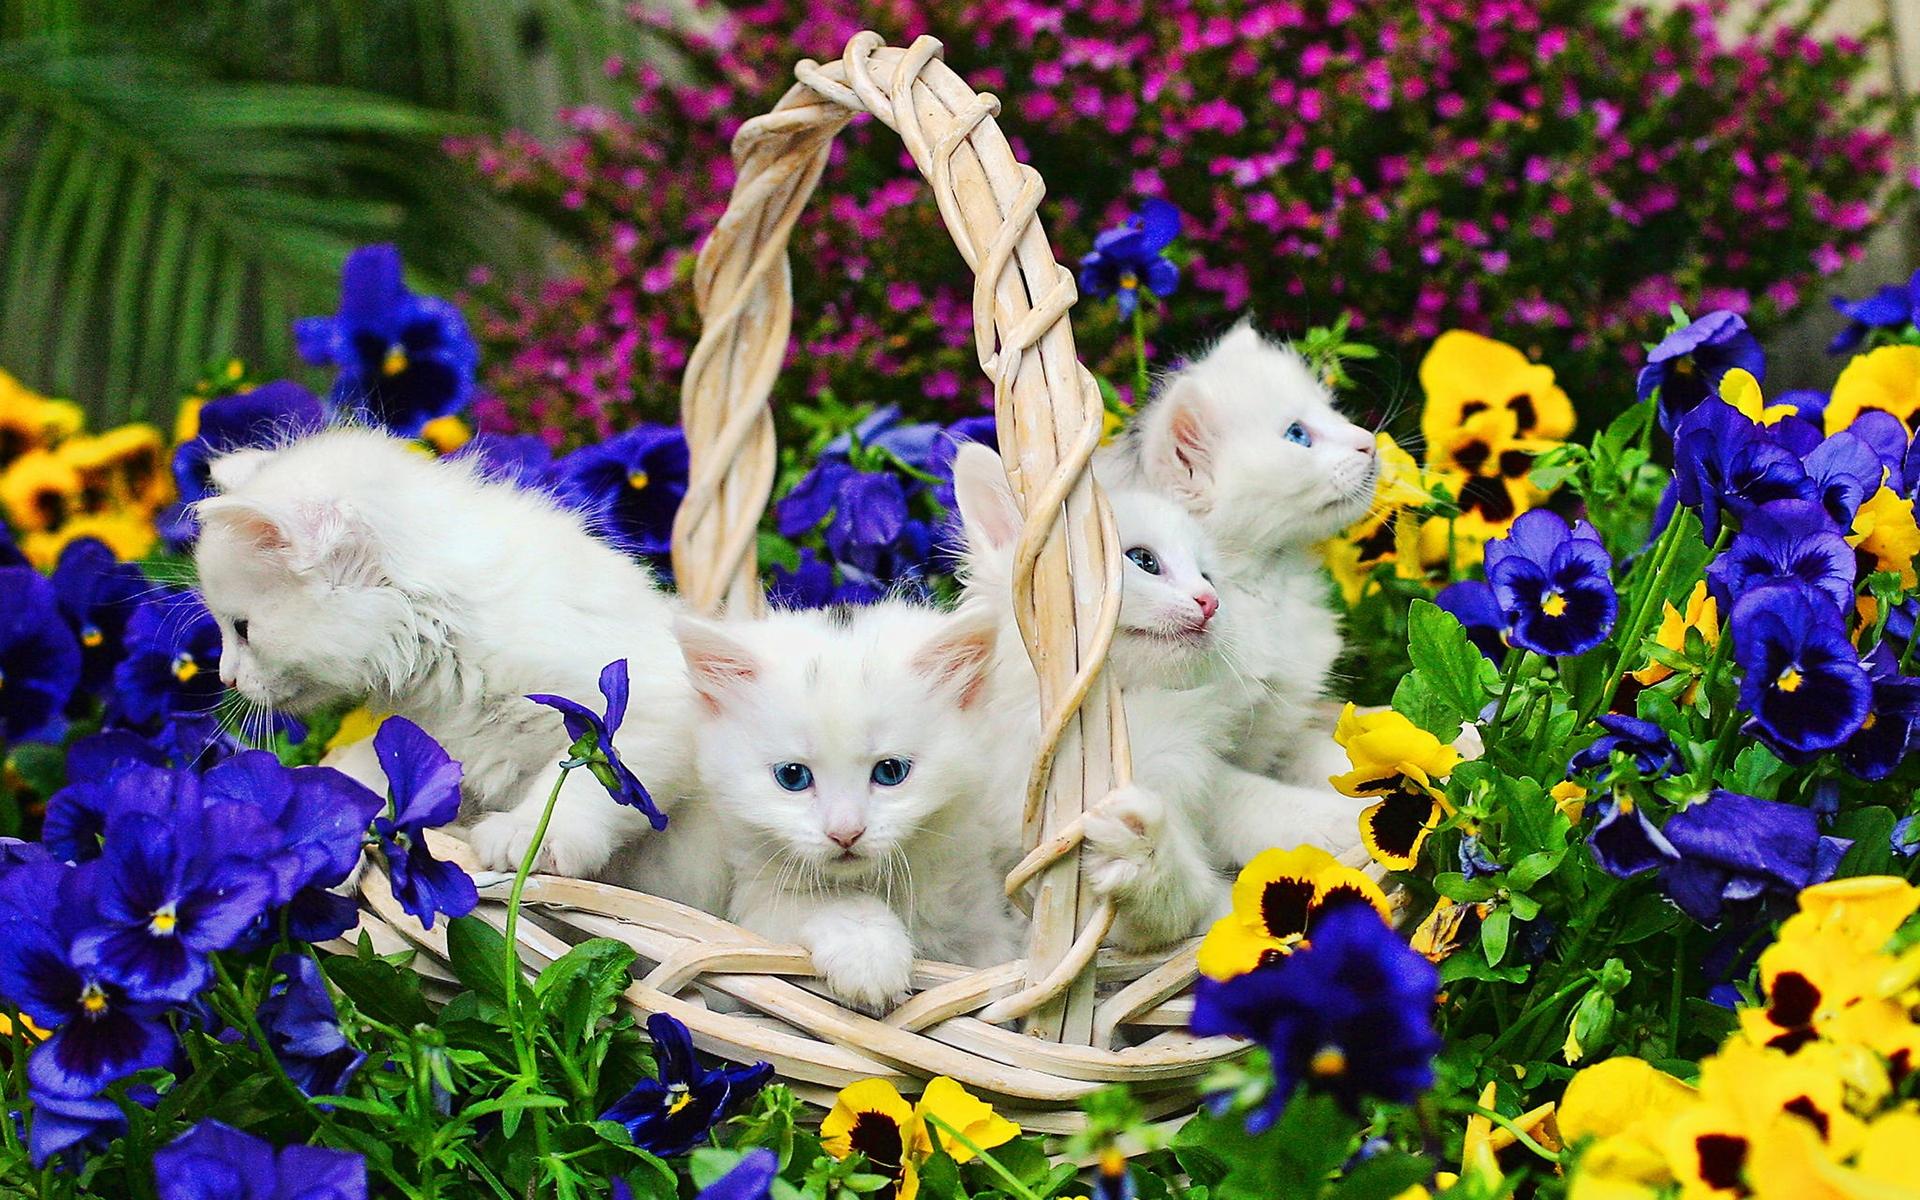 картинка красивой белой кошки в цветах овуляцию фраутест